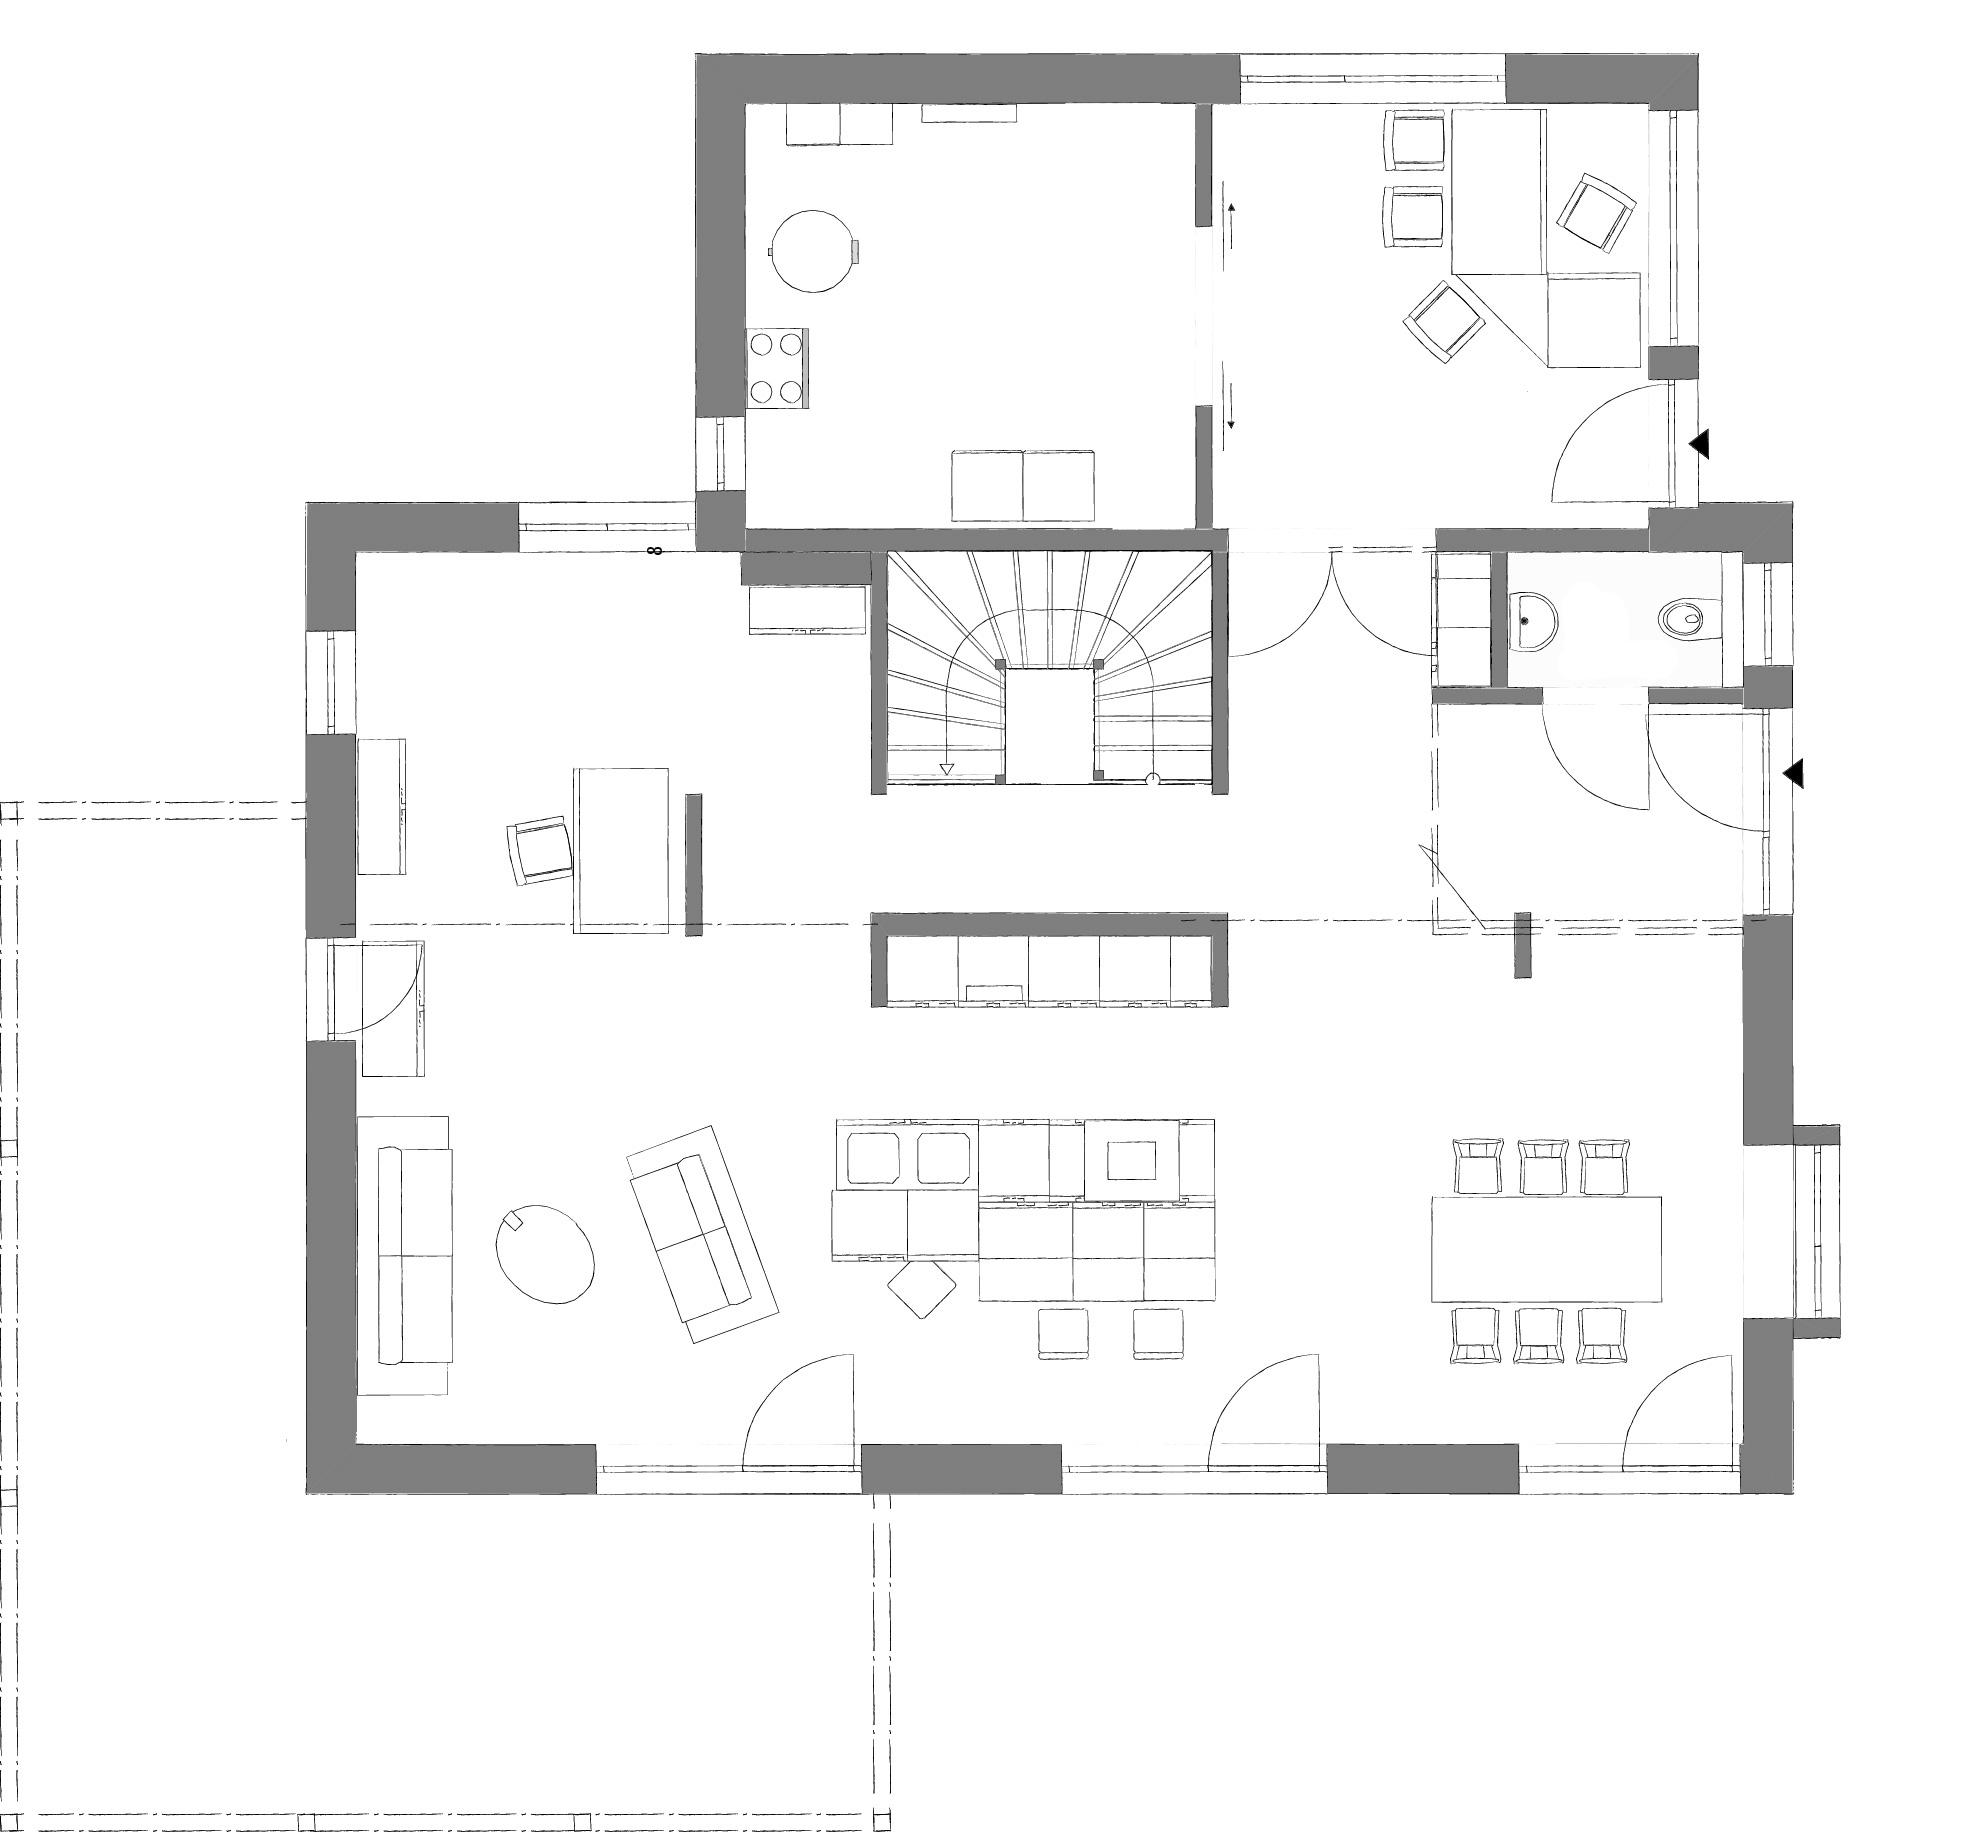 Lanos 5.1620 von Kampa. Grundriss Erdgeschoss